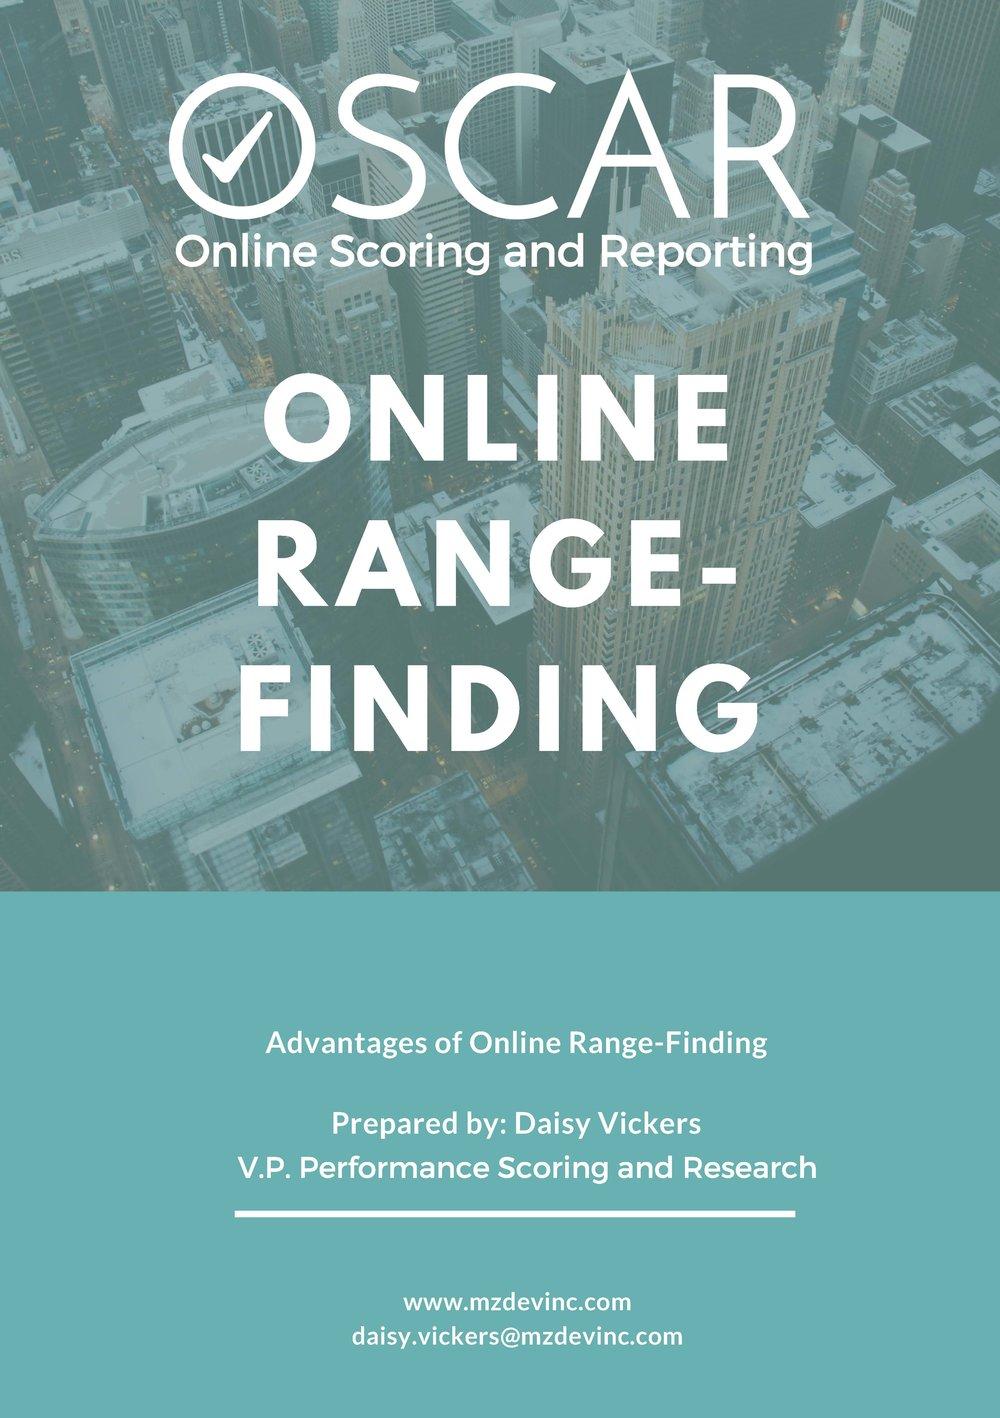 OSCAR Online Range-finding.jpg